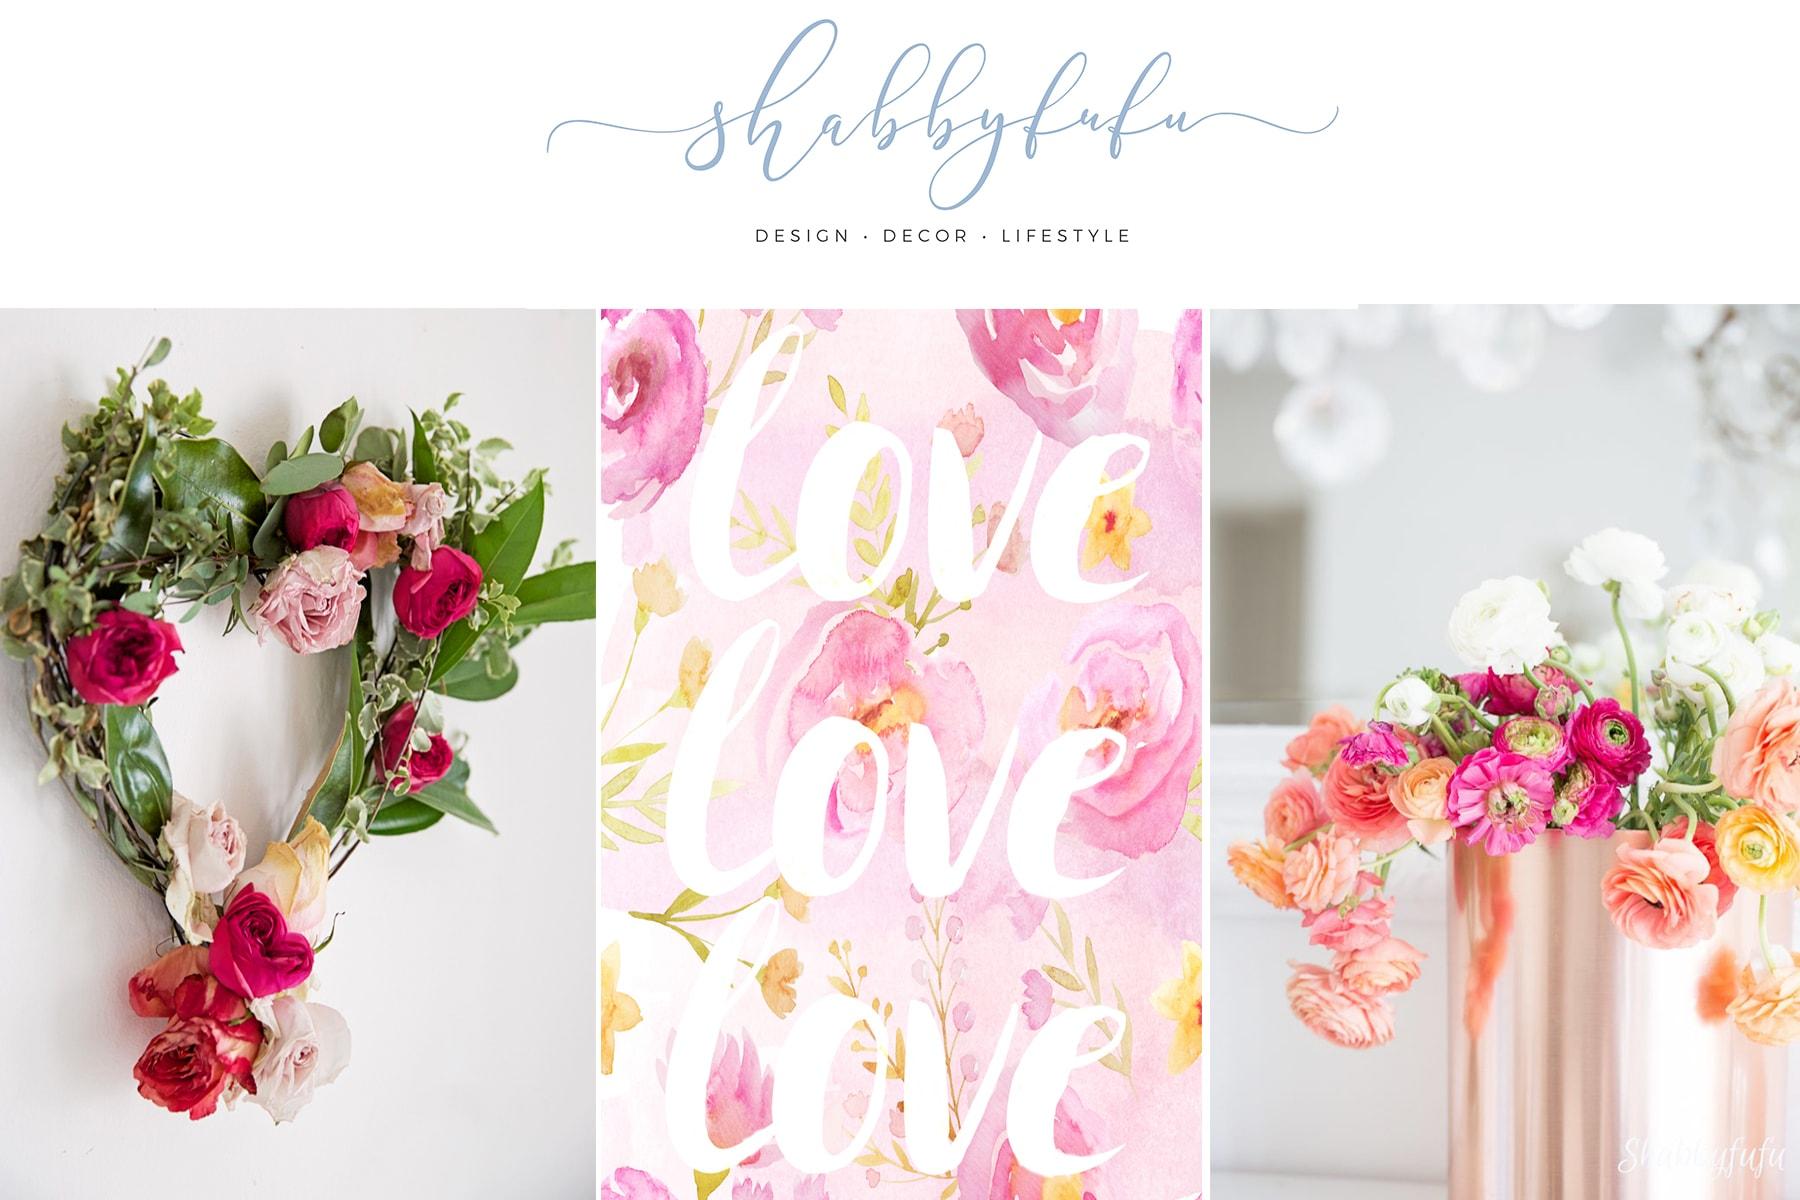 Style Showcase Shabbyfufu 15